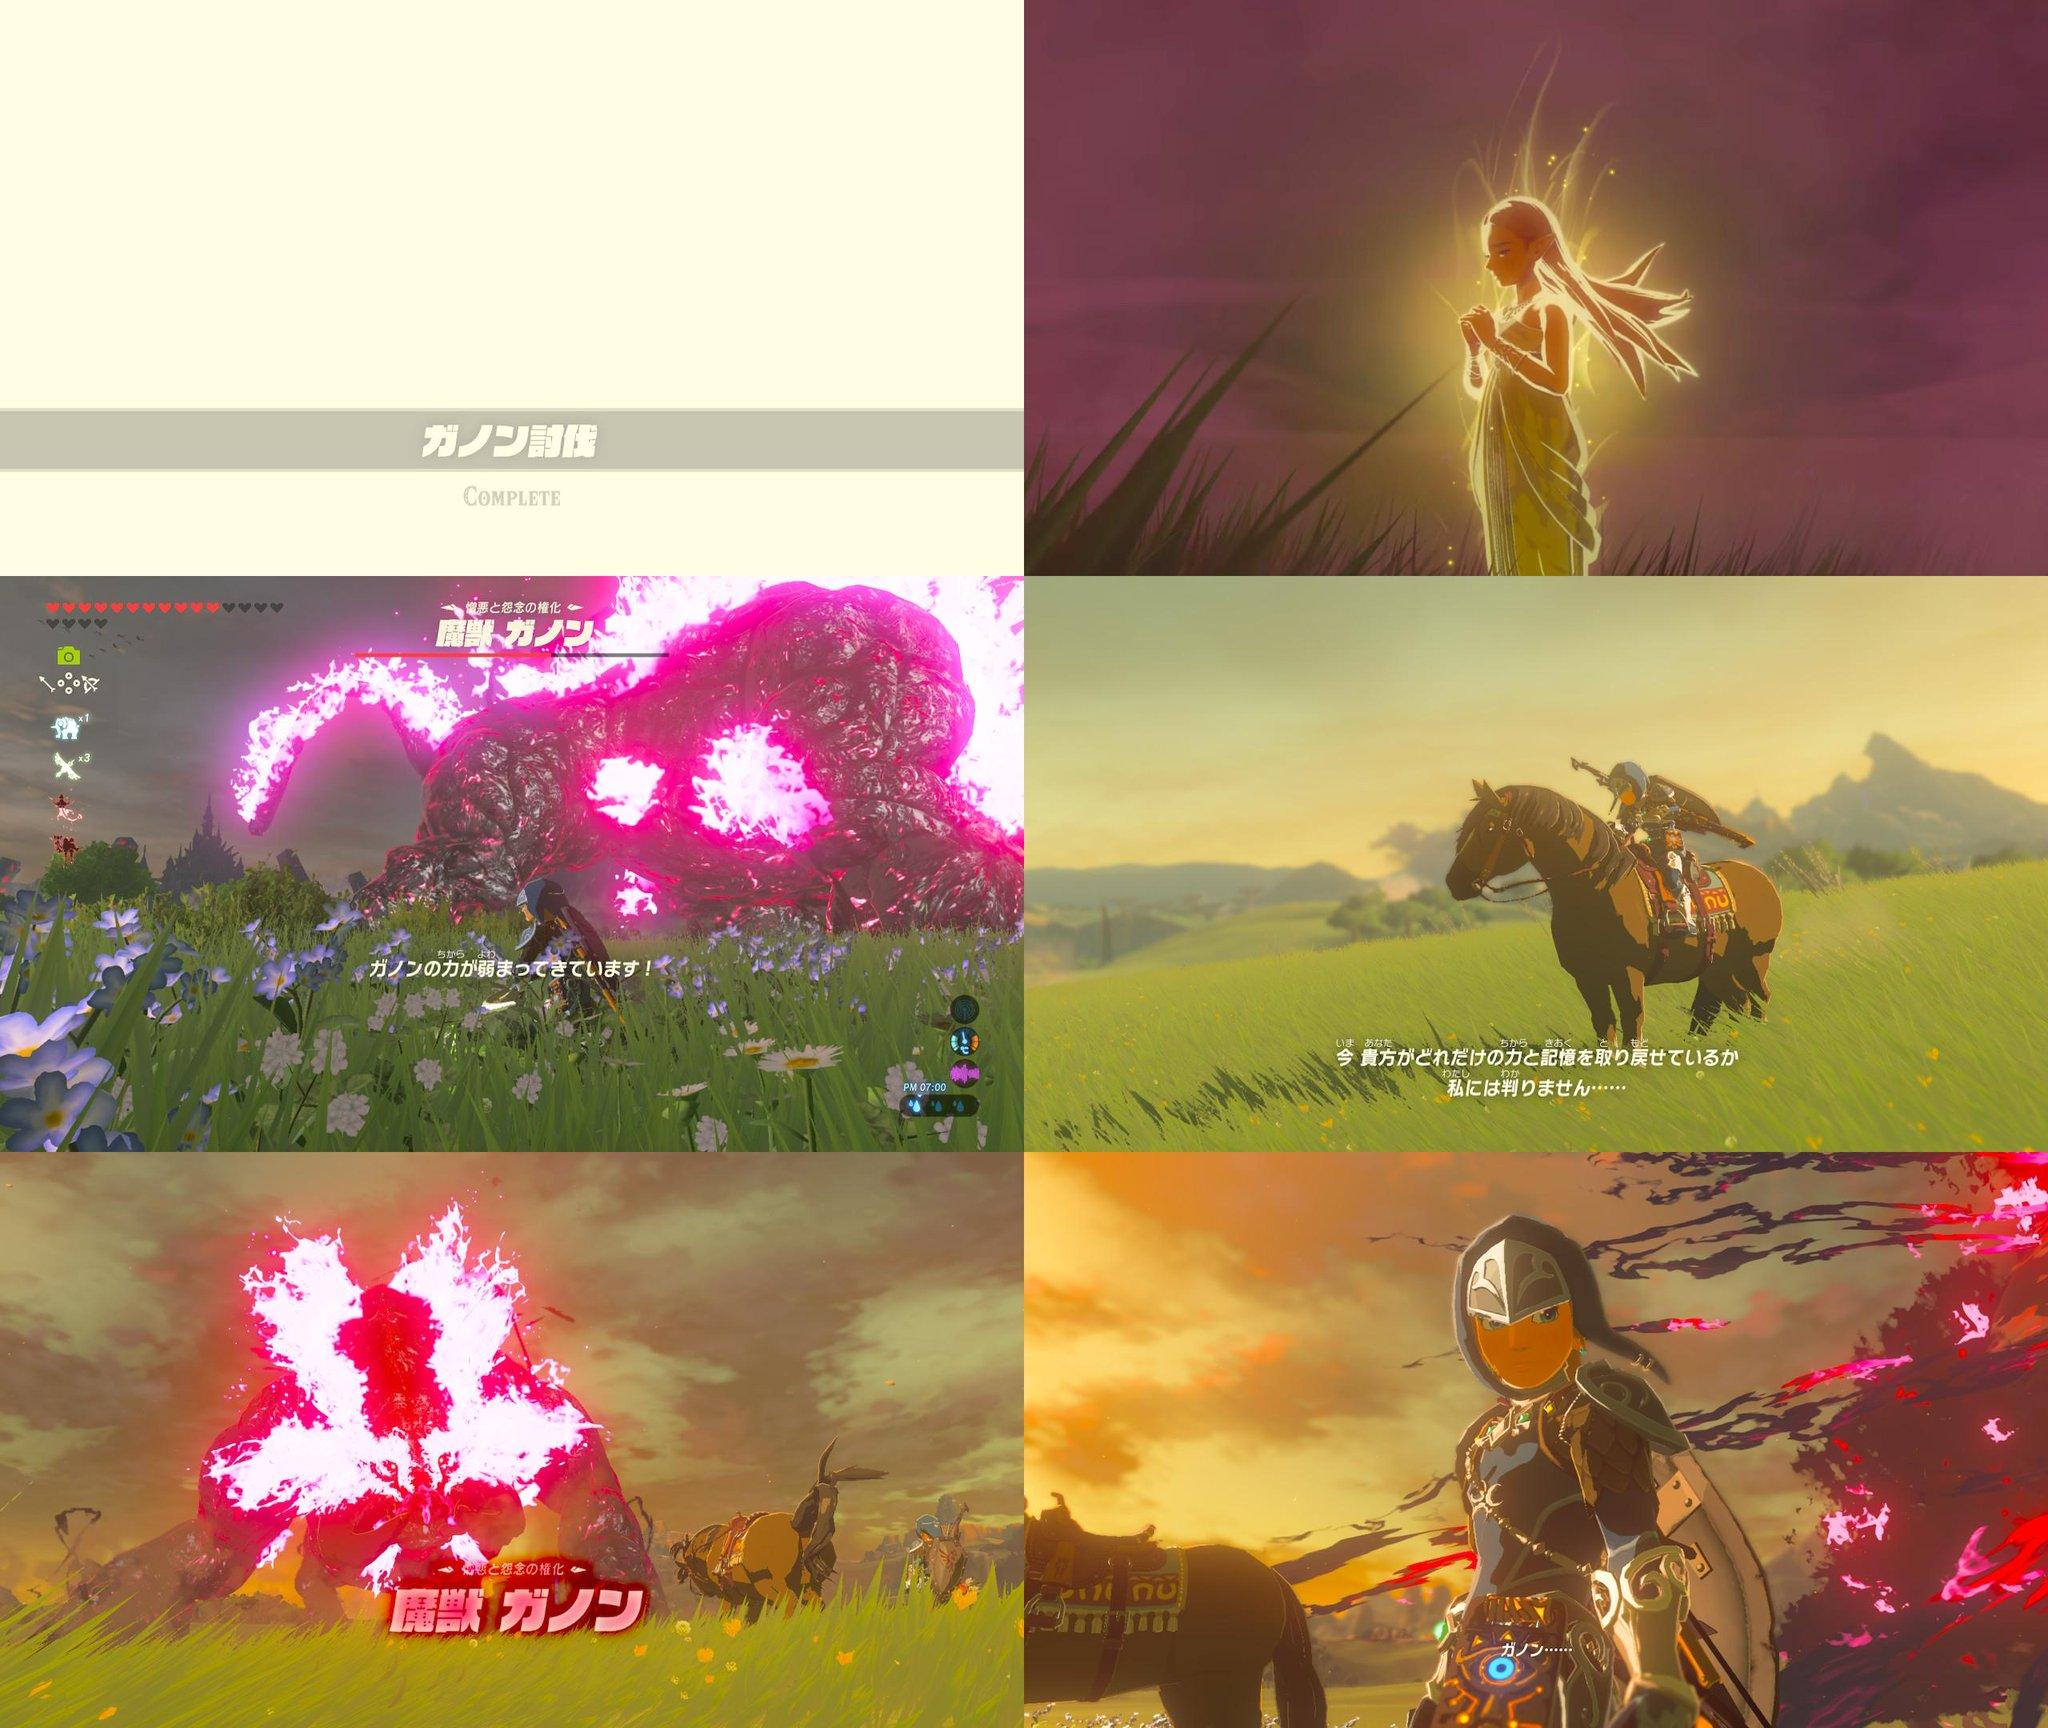 ガノン討伐(∩´∀`)∩ ついにクリアしたぞー #ゼルダの伝説 #BreathoftheWild #NintendoSwitch https://t.co/AcfHGP50rU